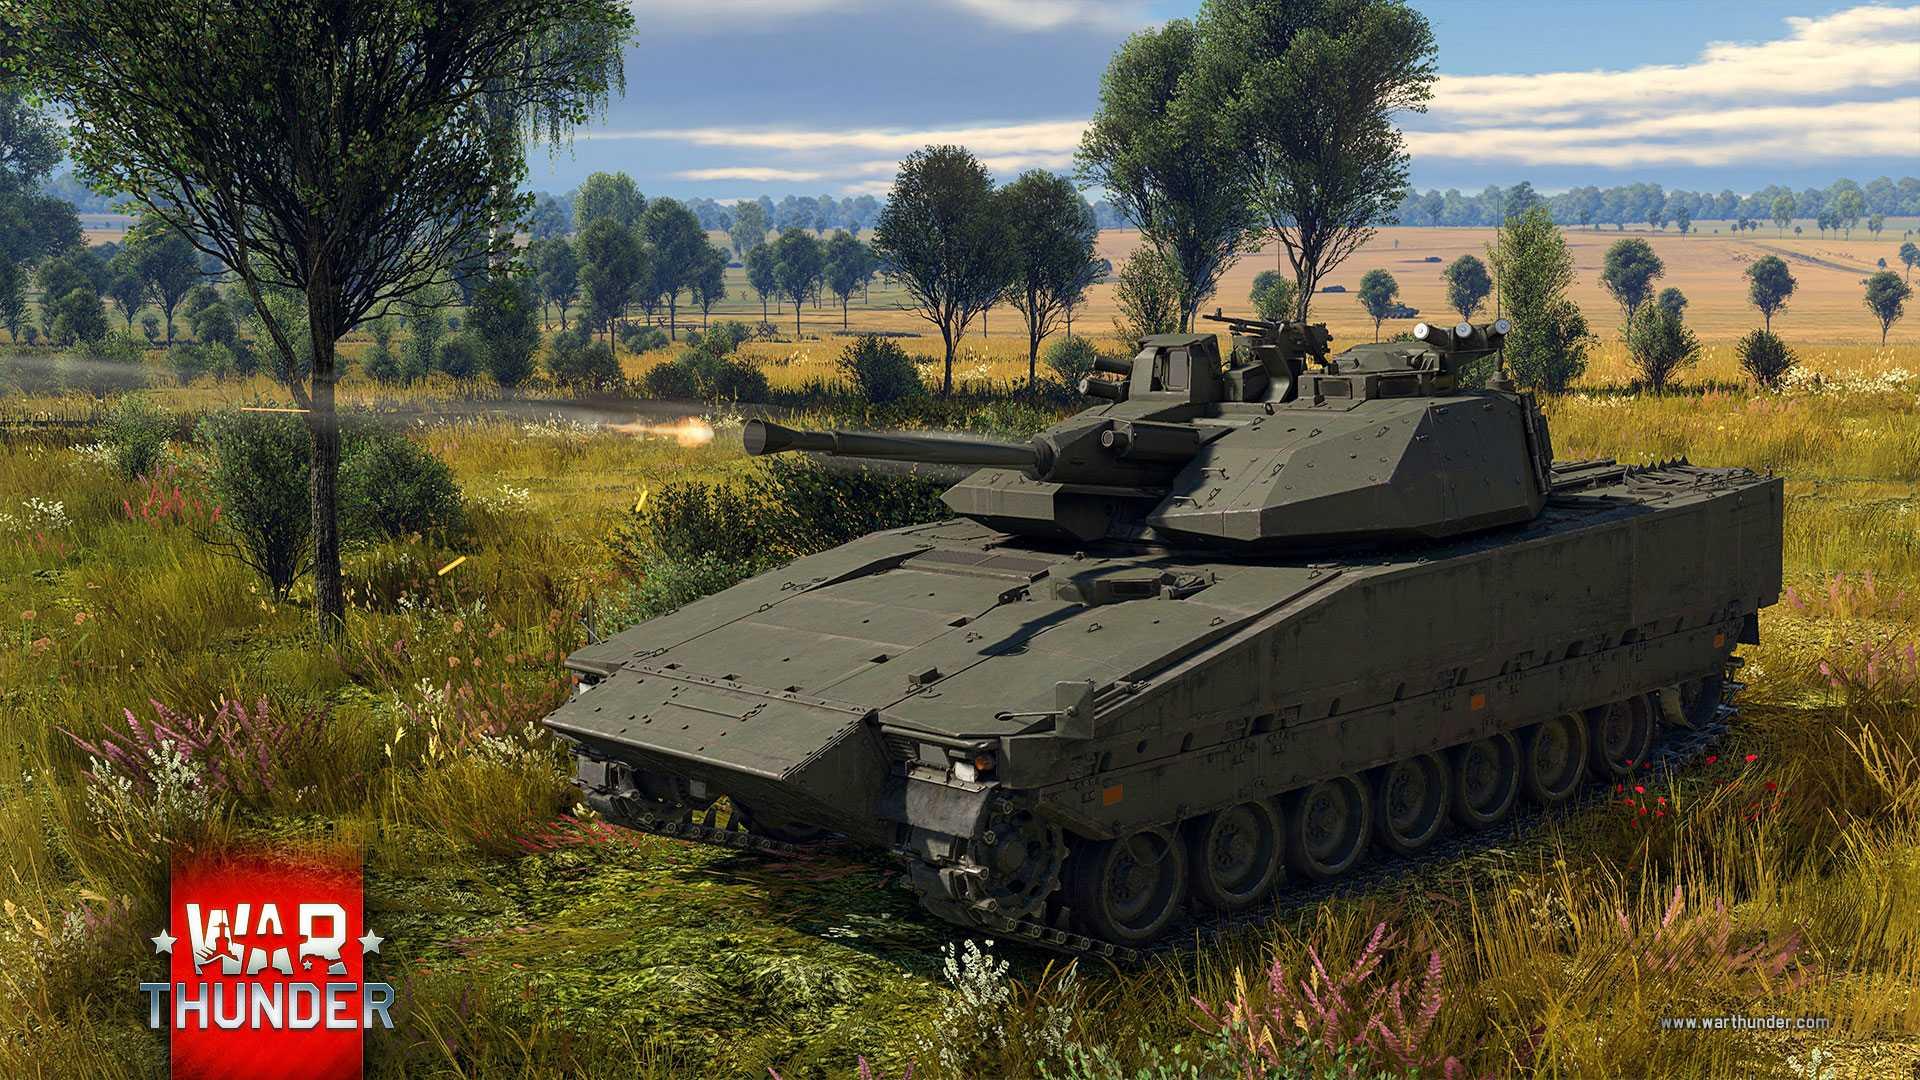 вар тандер обновление с танками